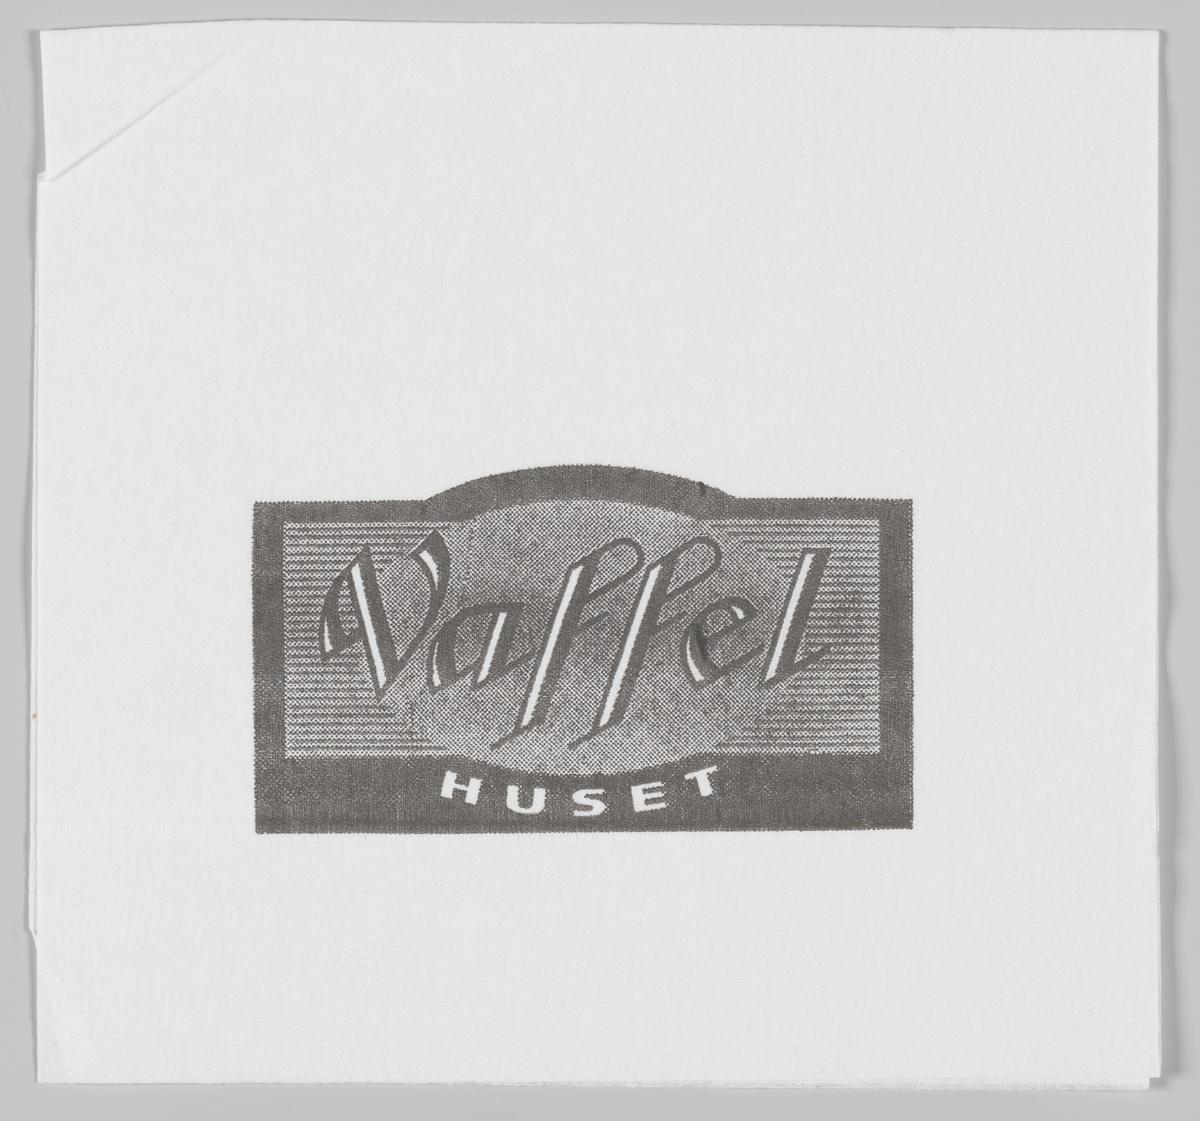 Et stilisert skilt med reklameteksten Vaffelhuset.